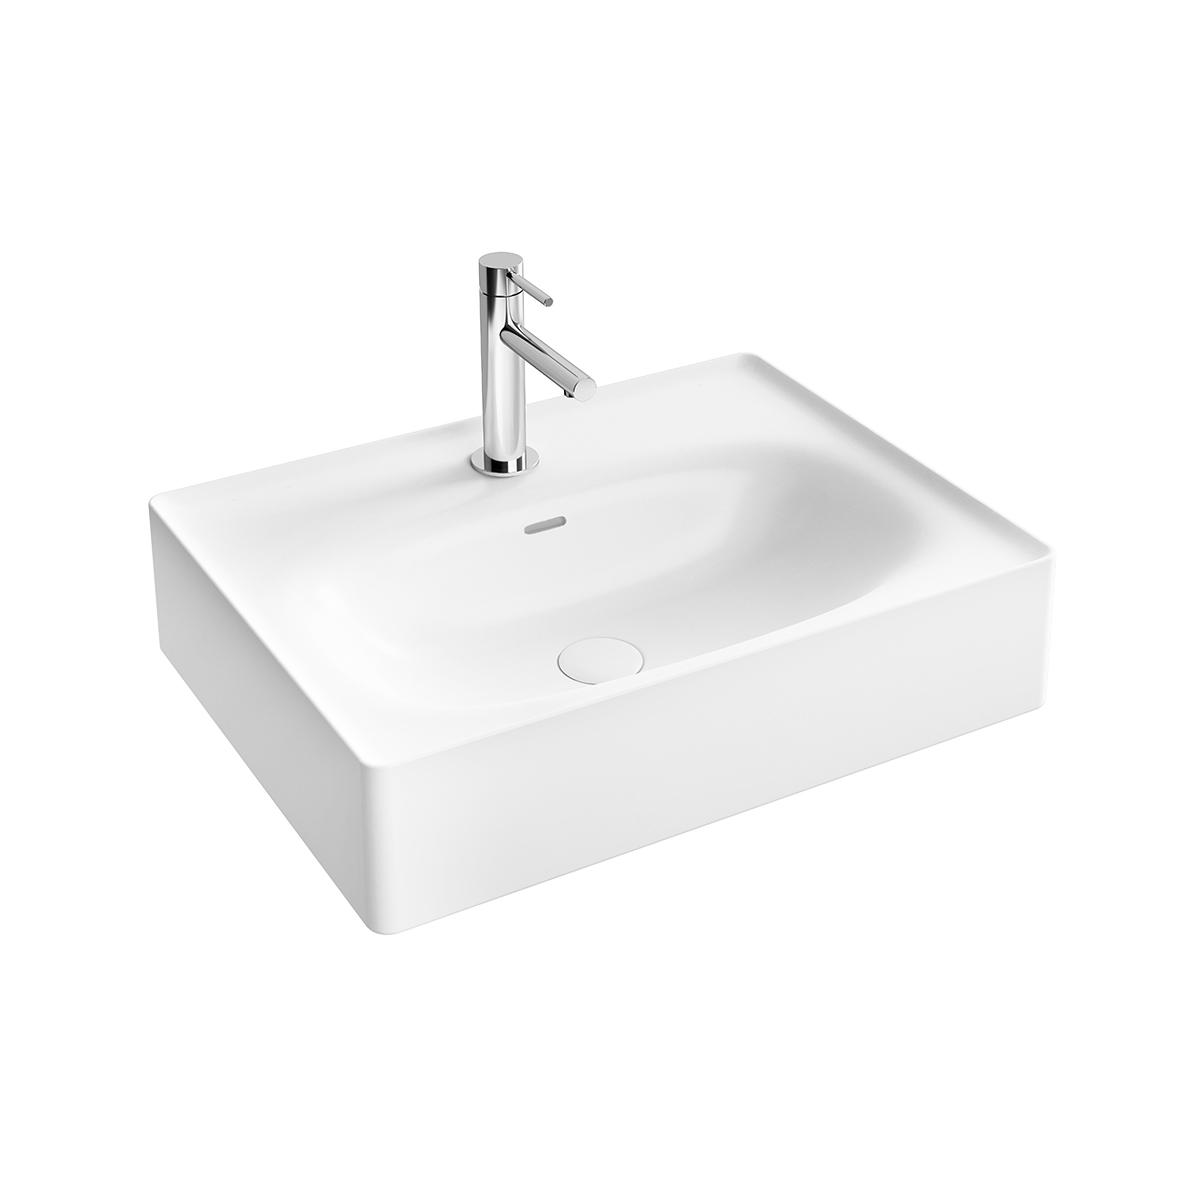 Equal Waschtisch, 60 cm, mit Hahnlochbank, mit Hahnloch, mit Überlaufschlitz, Weiß Hochglanz